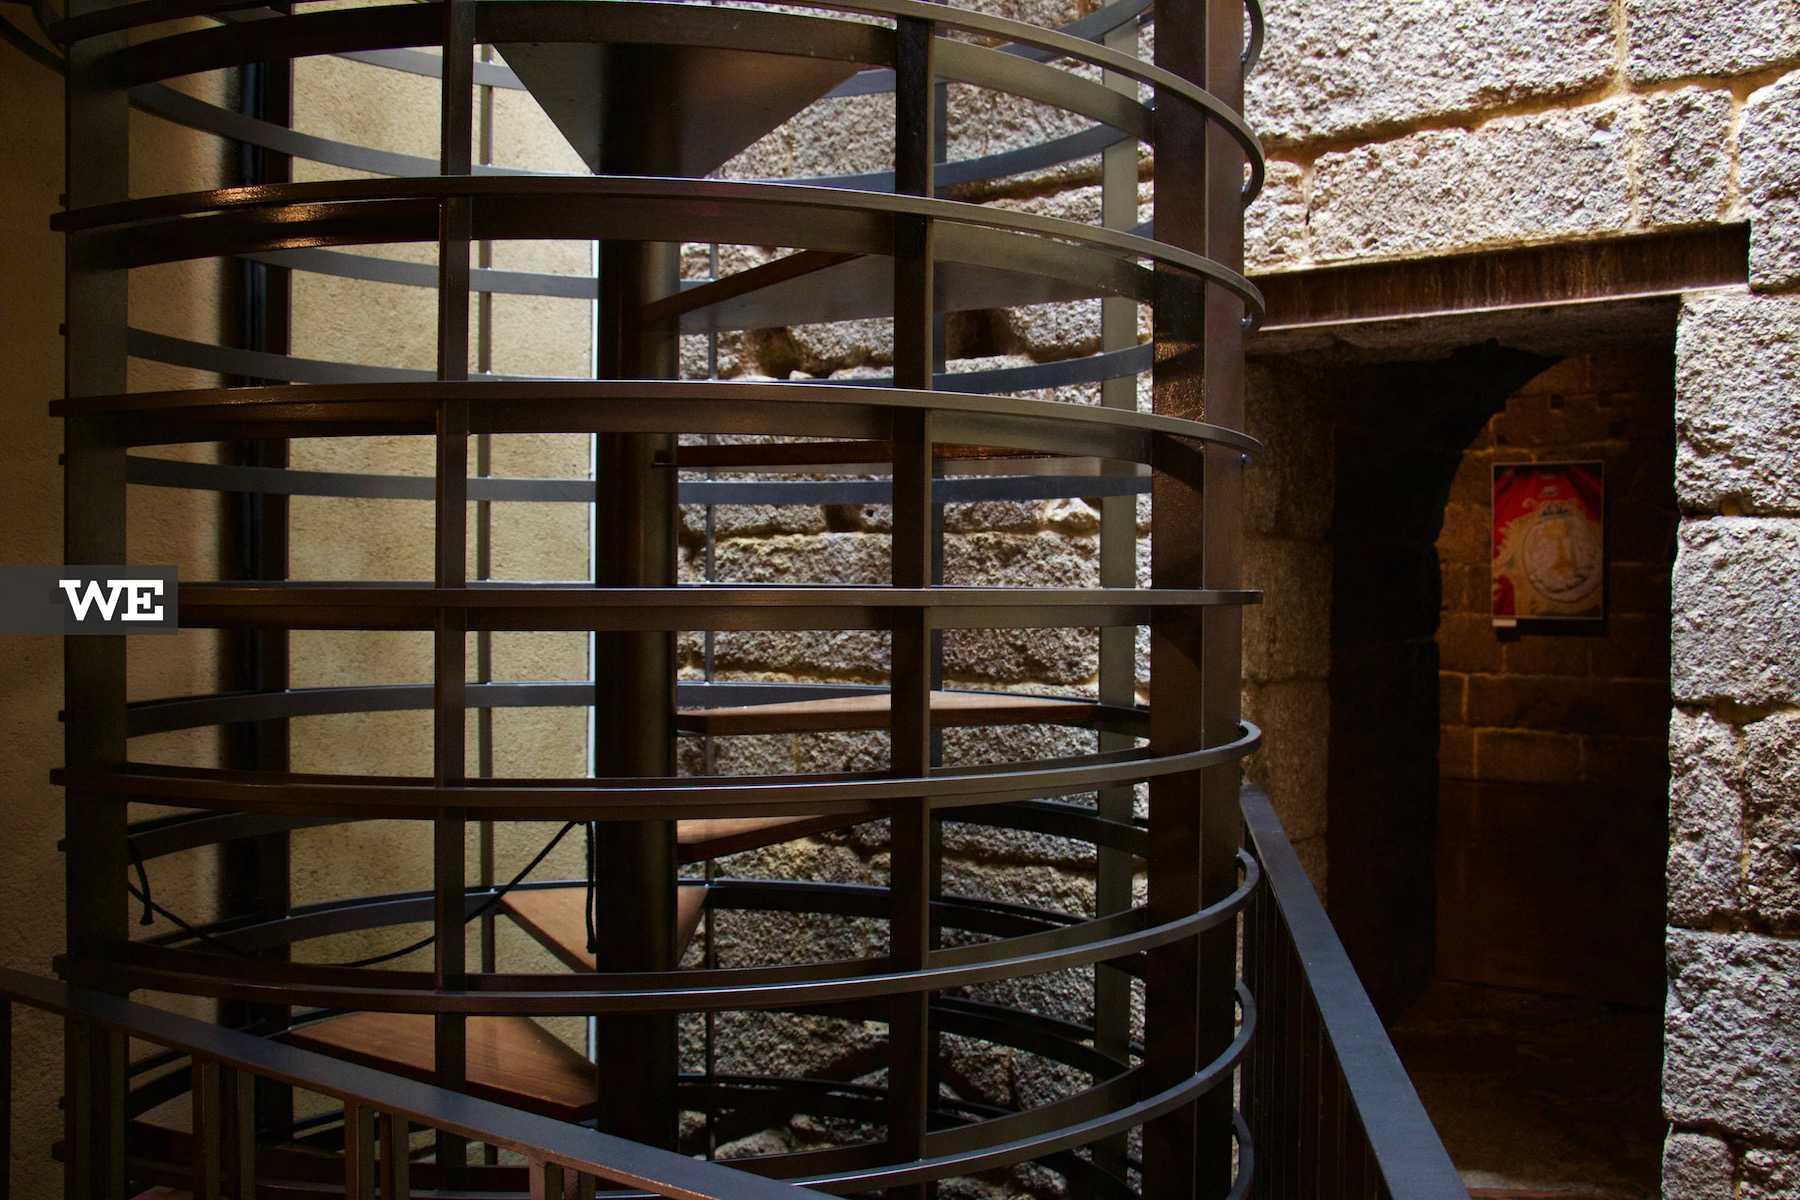 we-braga-museu-da-imagem